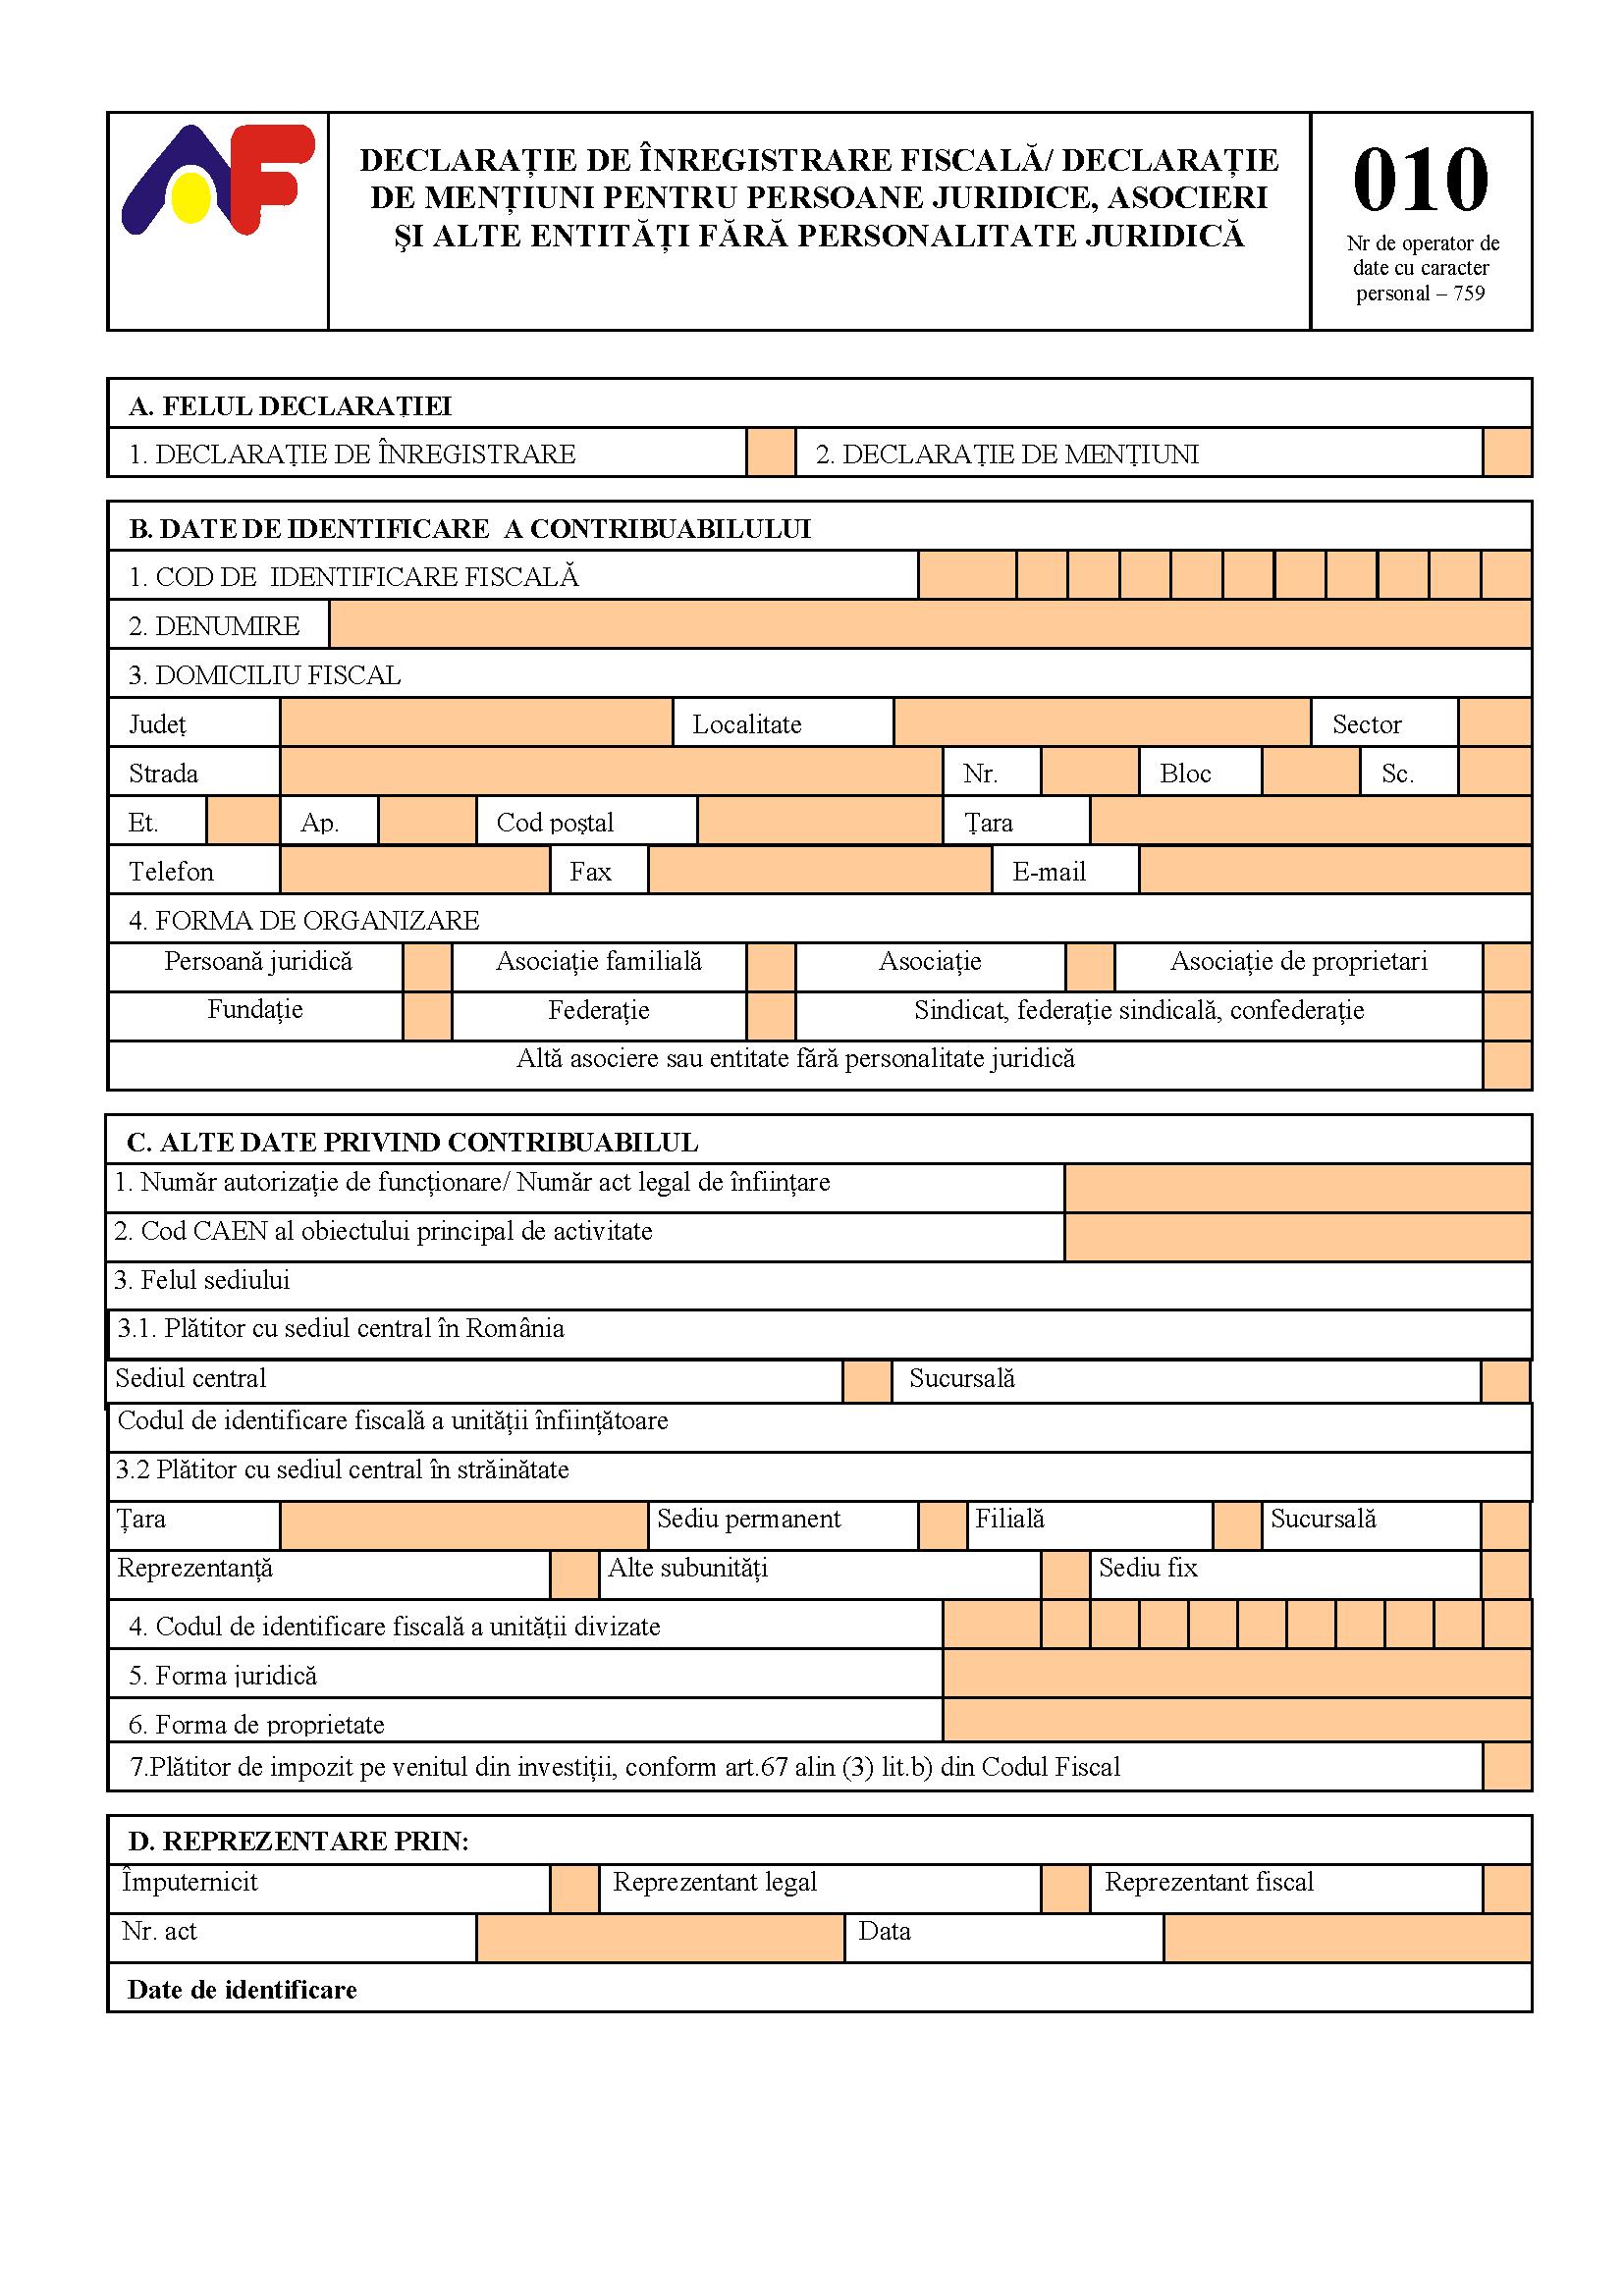 Procedura de înregistrare în scopuri de TVA pentru societăți | Grecu si Asociatii